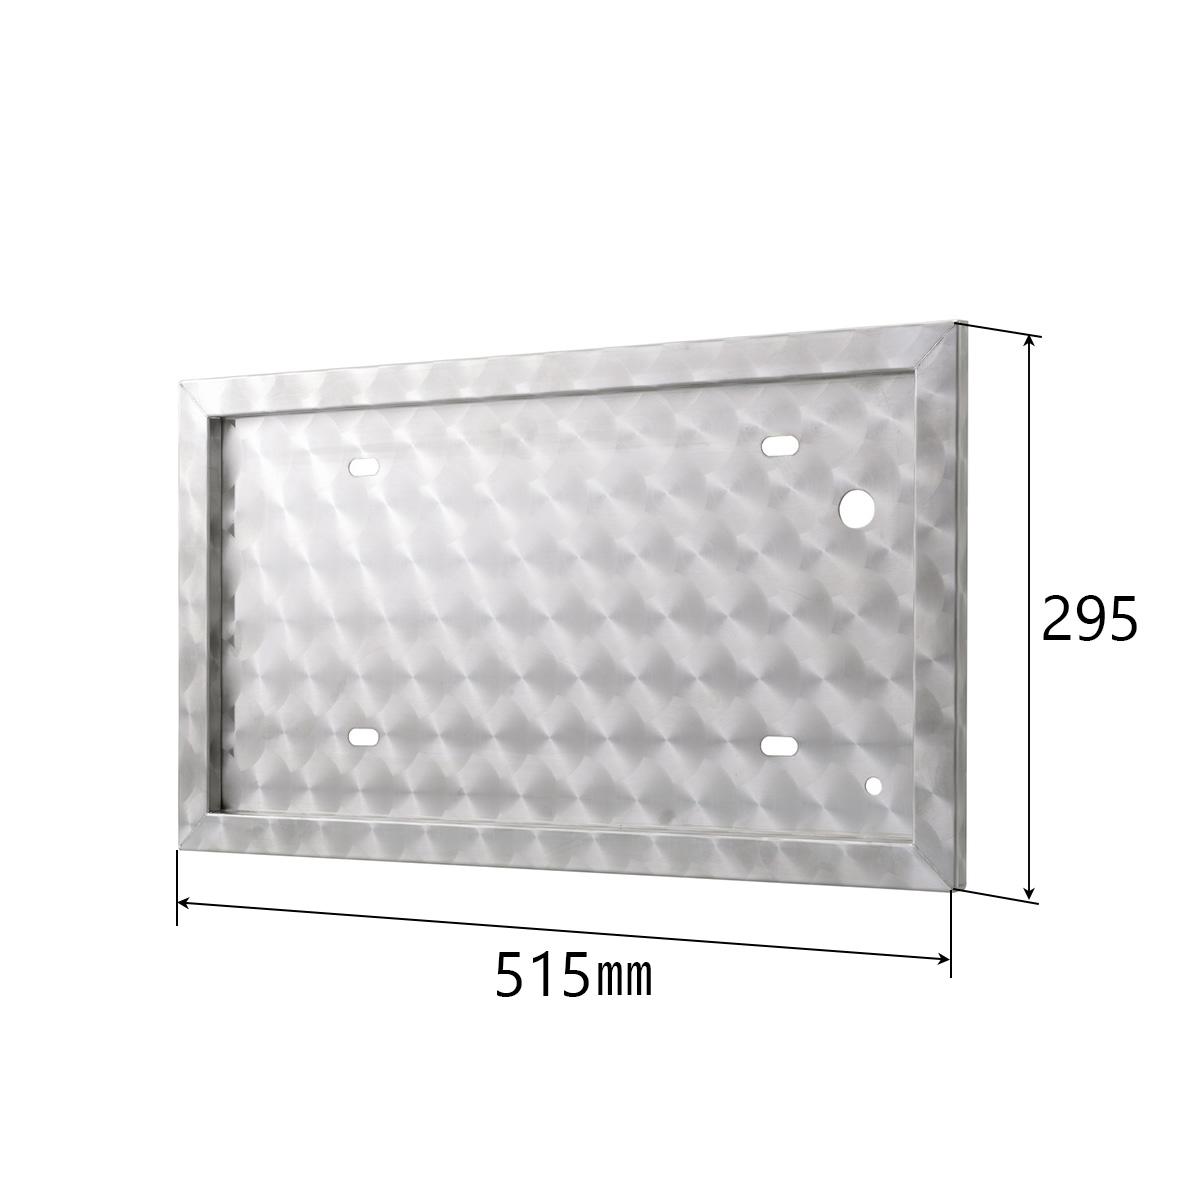 ナンバープレート枠 大型 ウロコタイプ ステンレス 25角 字光No対応 日本製